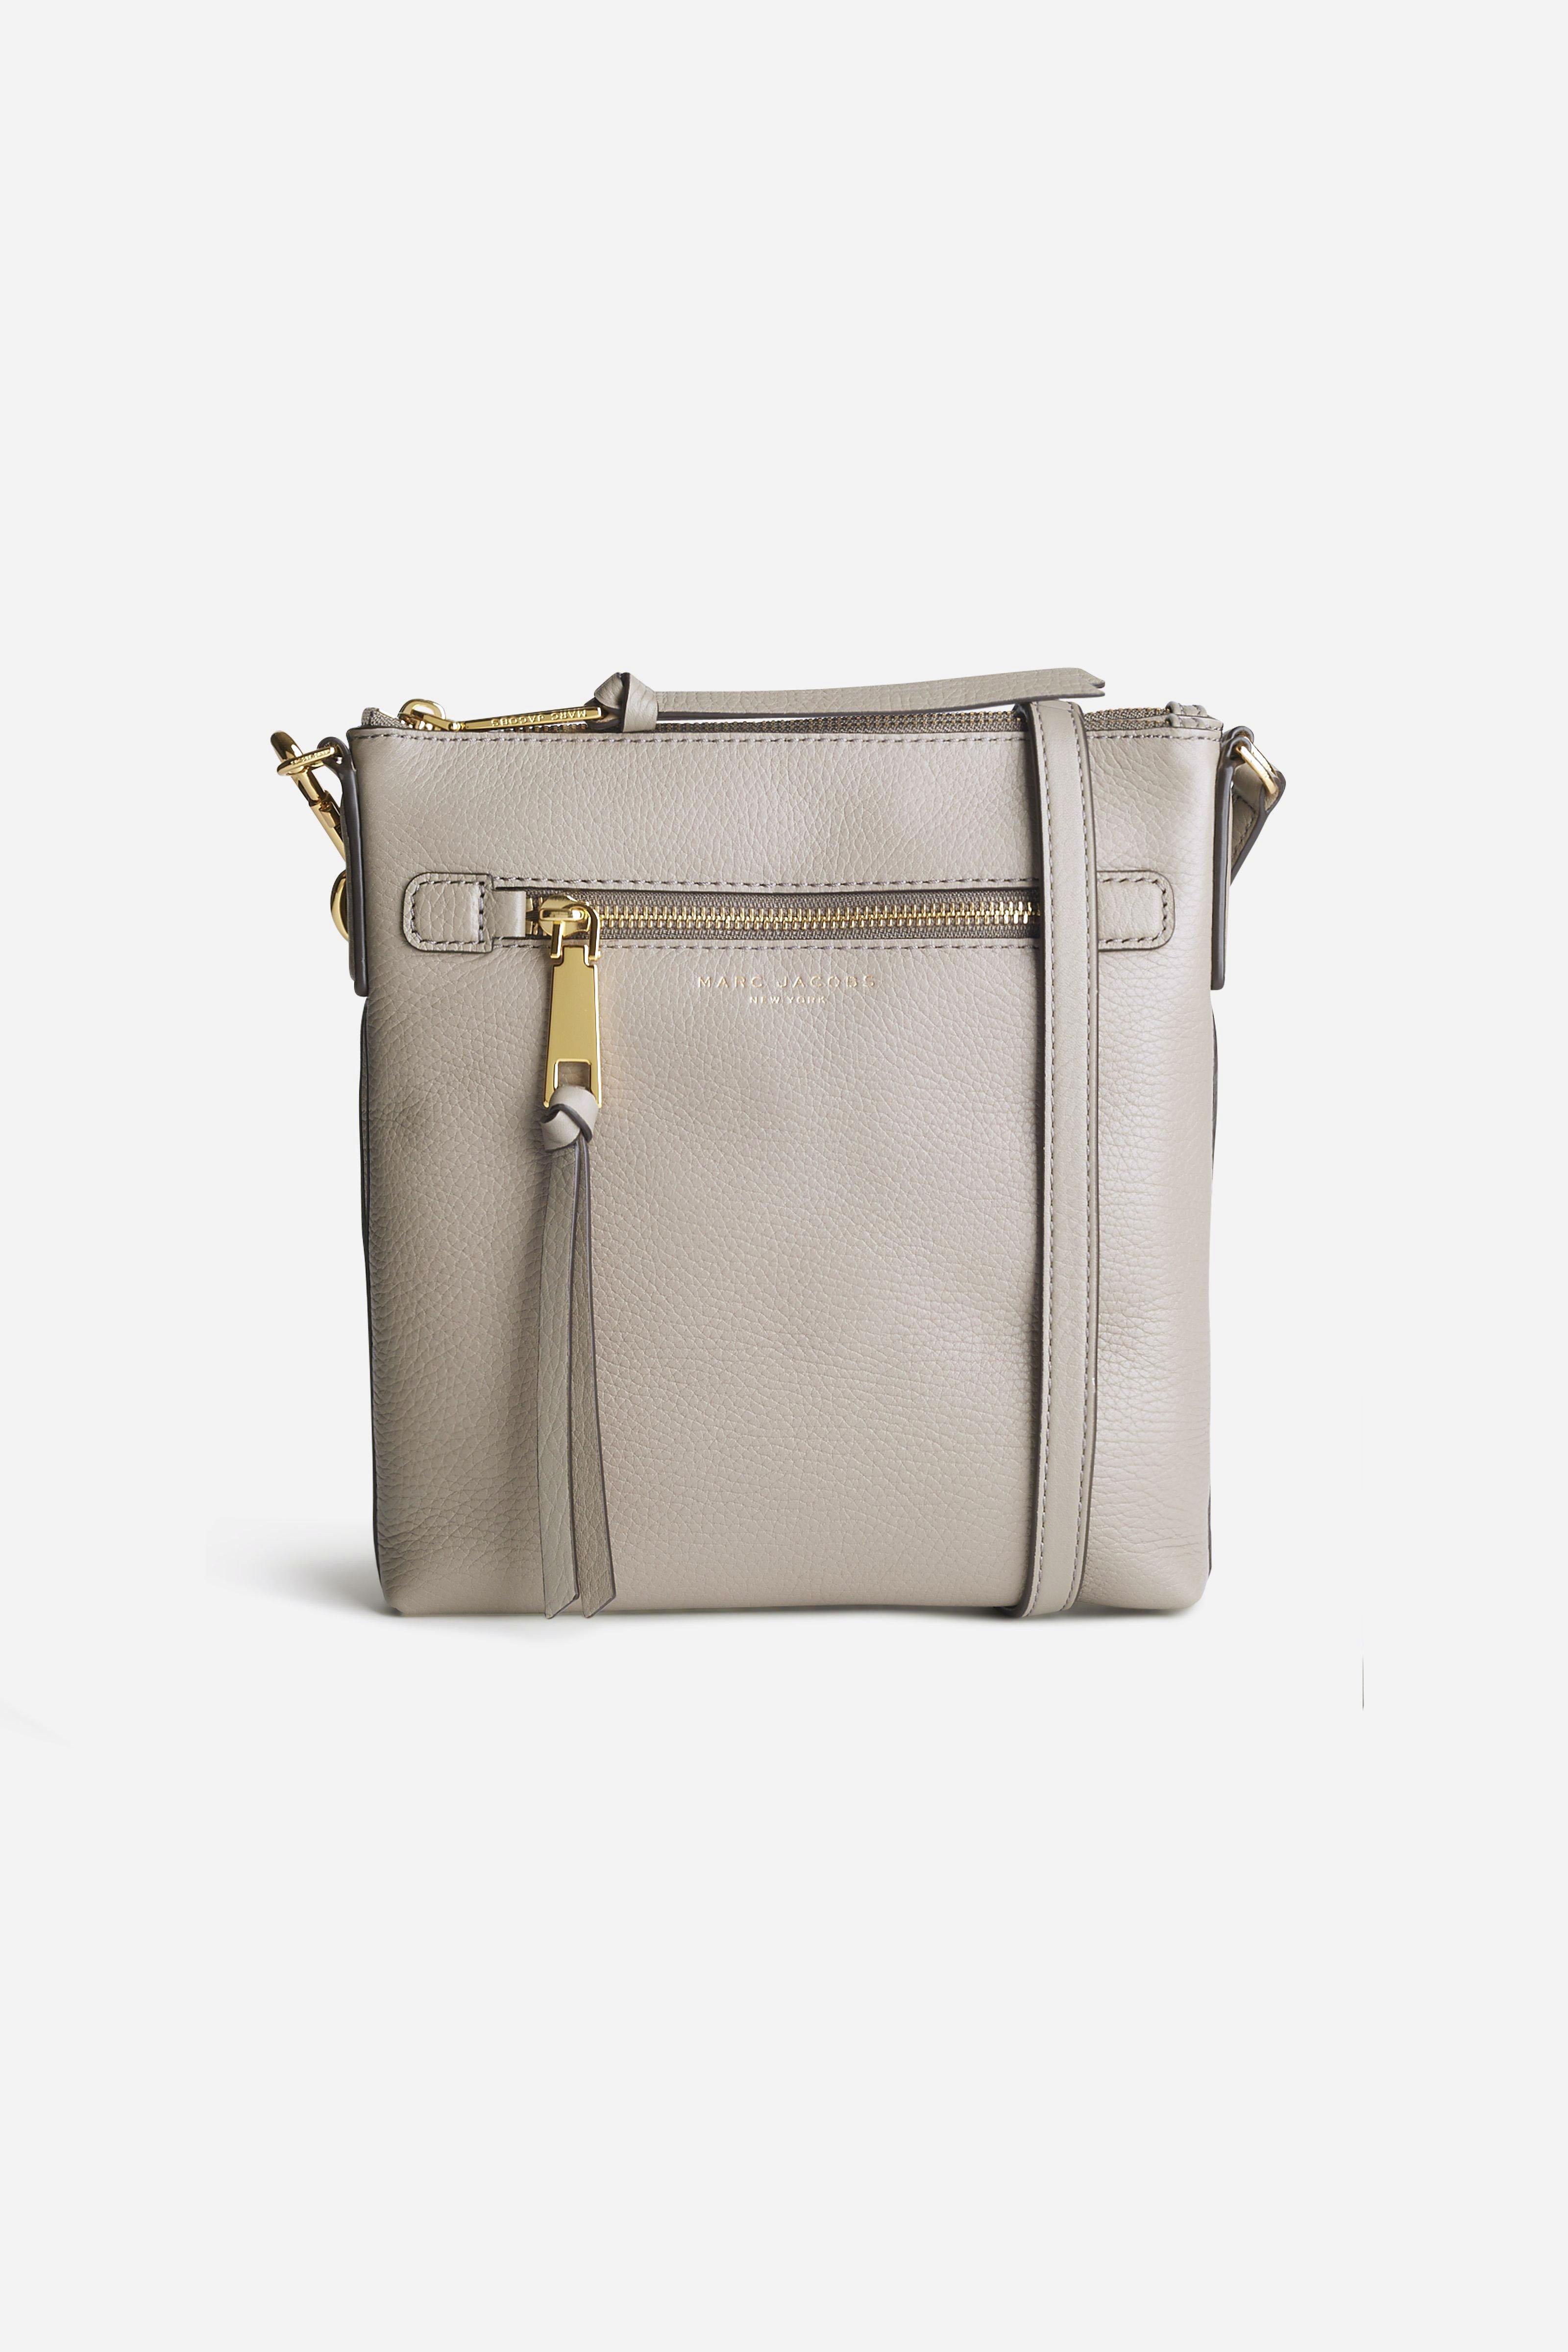 Marc Jacobs 8 - Recruit NS Crossbody Bag - Mink